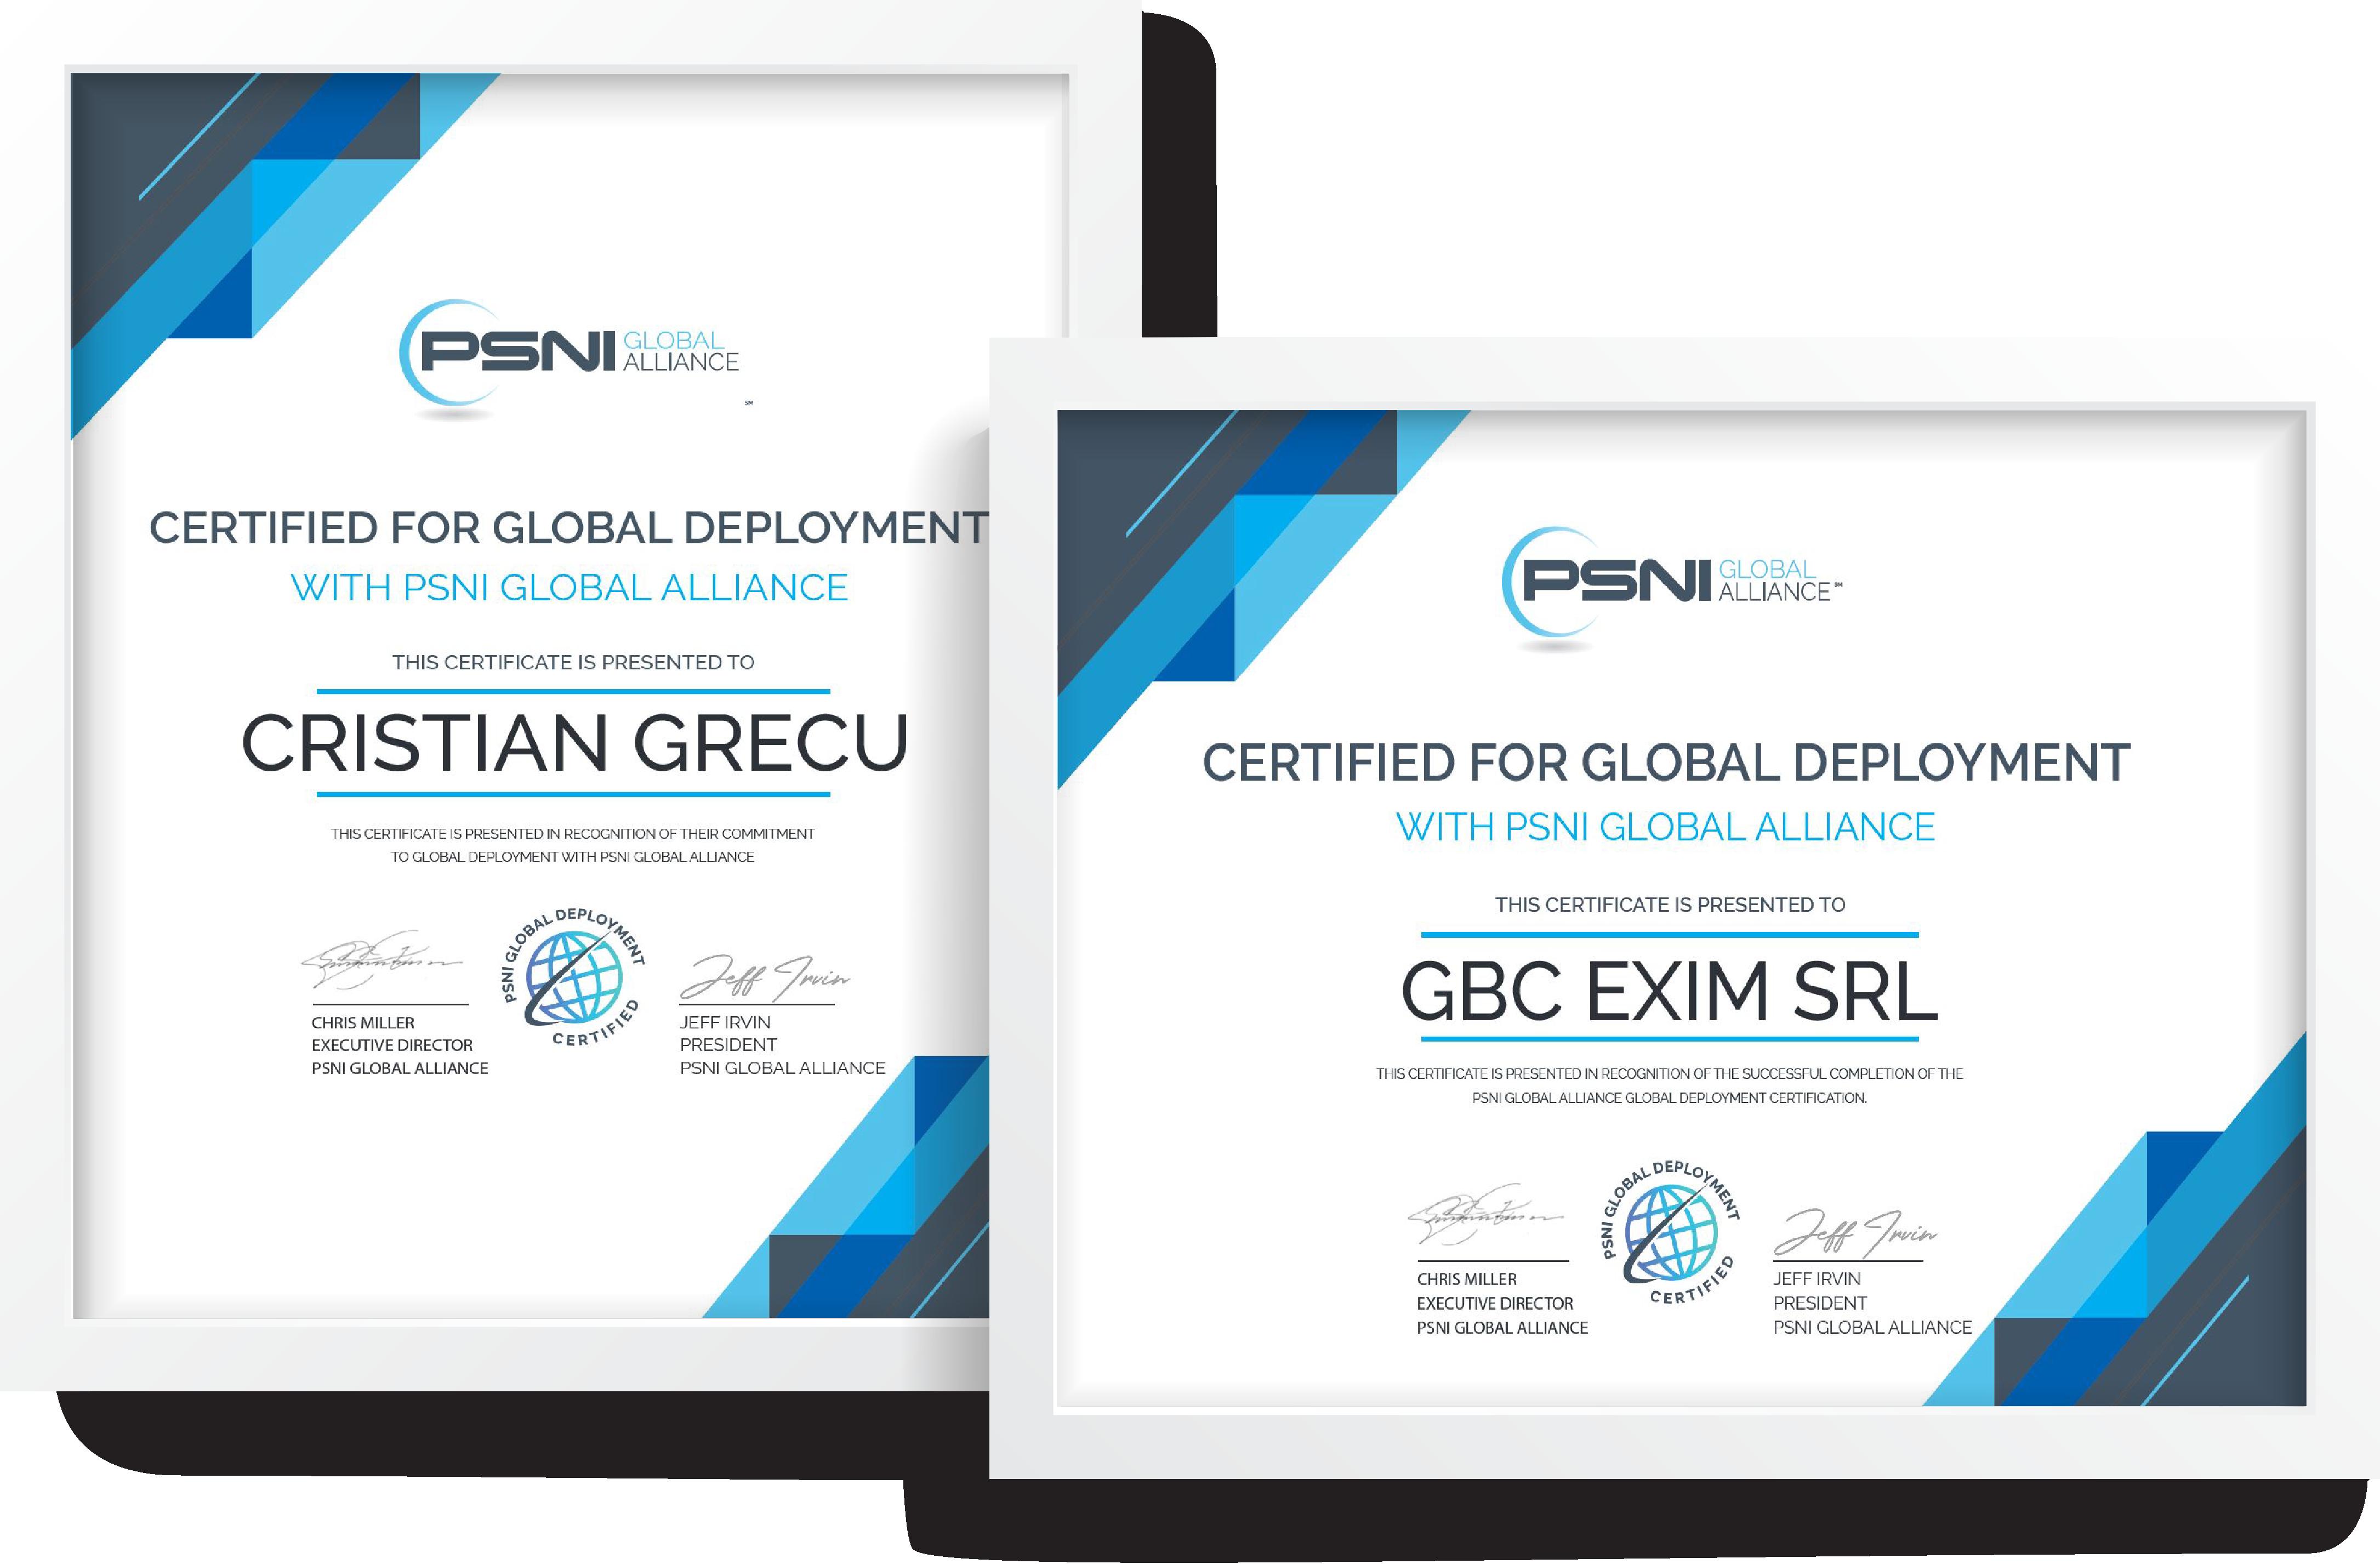 cristian grecu integrator psni certificat